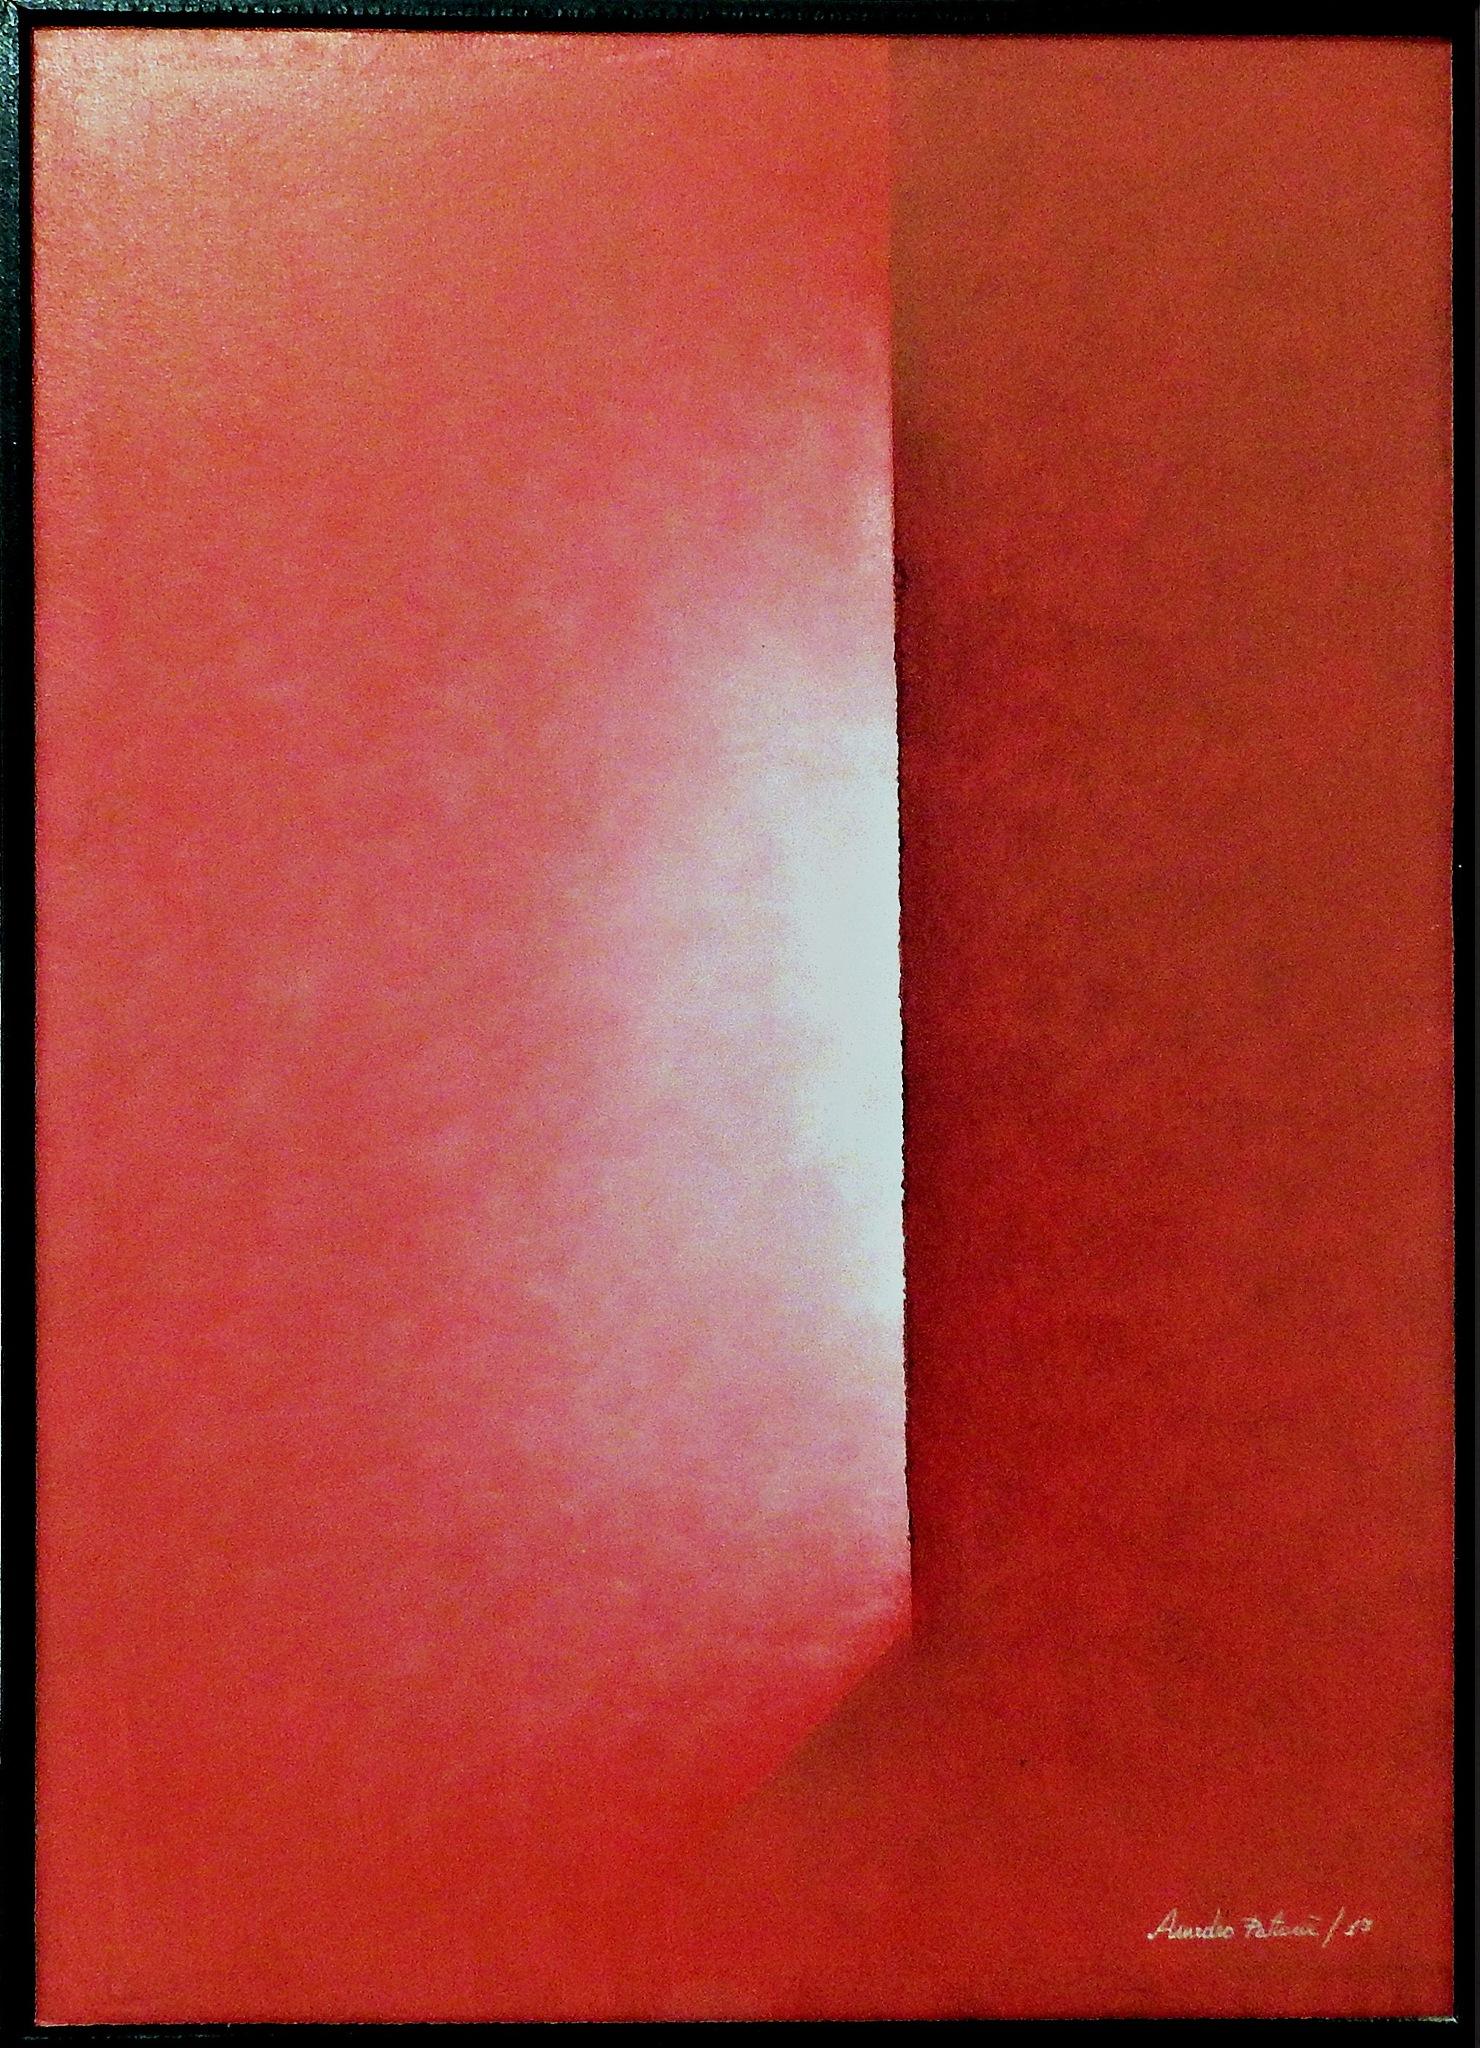 Photo in Fine Art #dialogo fra generazioni #amadeo patane' #arte concettuale #delirium tremends 62 #simona pasquali #castel dell'ovo #pop art #napoli #spazio martucci 56 #arte contemporanea #intentart #contemporary art #arte astratta #abstract #abstract art #conceptual art